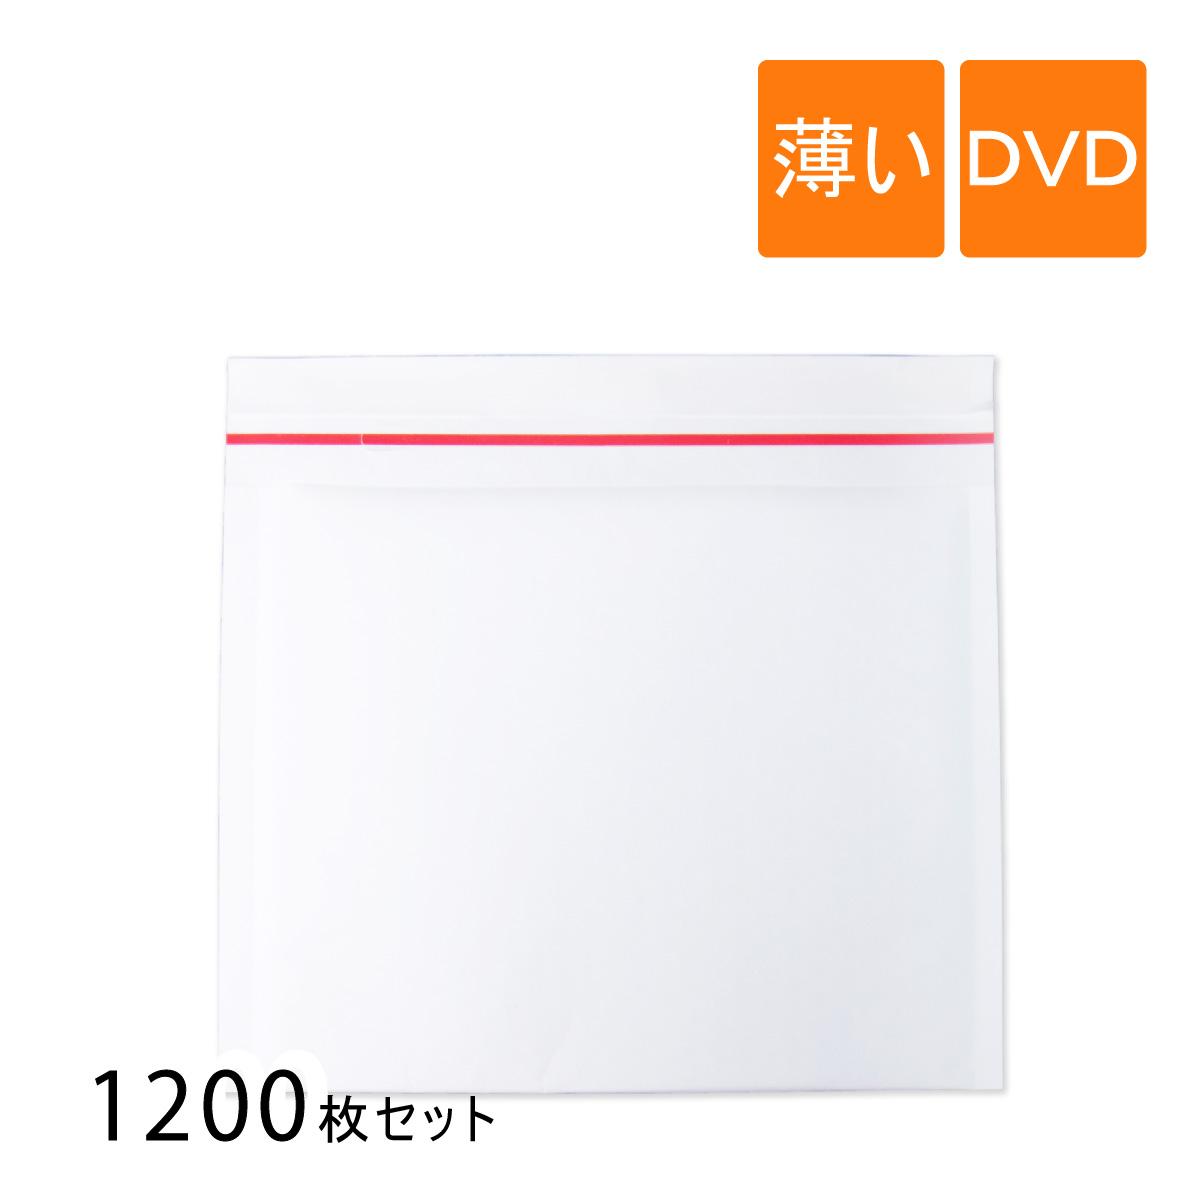 20枚セット 商品追加値下げ在庫復活 メール便の厚み対策に 薄い クッション封筒 内寸235×195mm DVD サイズ 流行のアイテム 白色